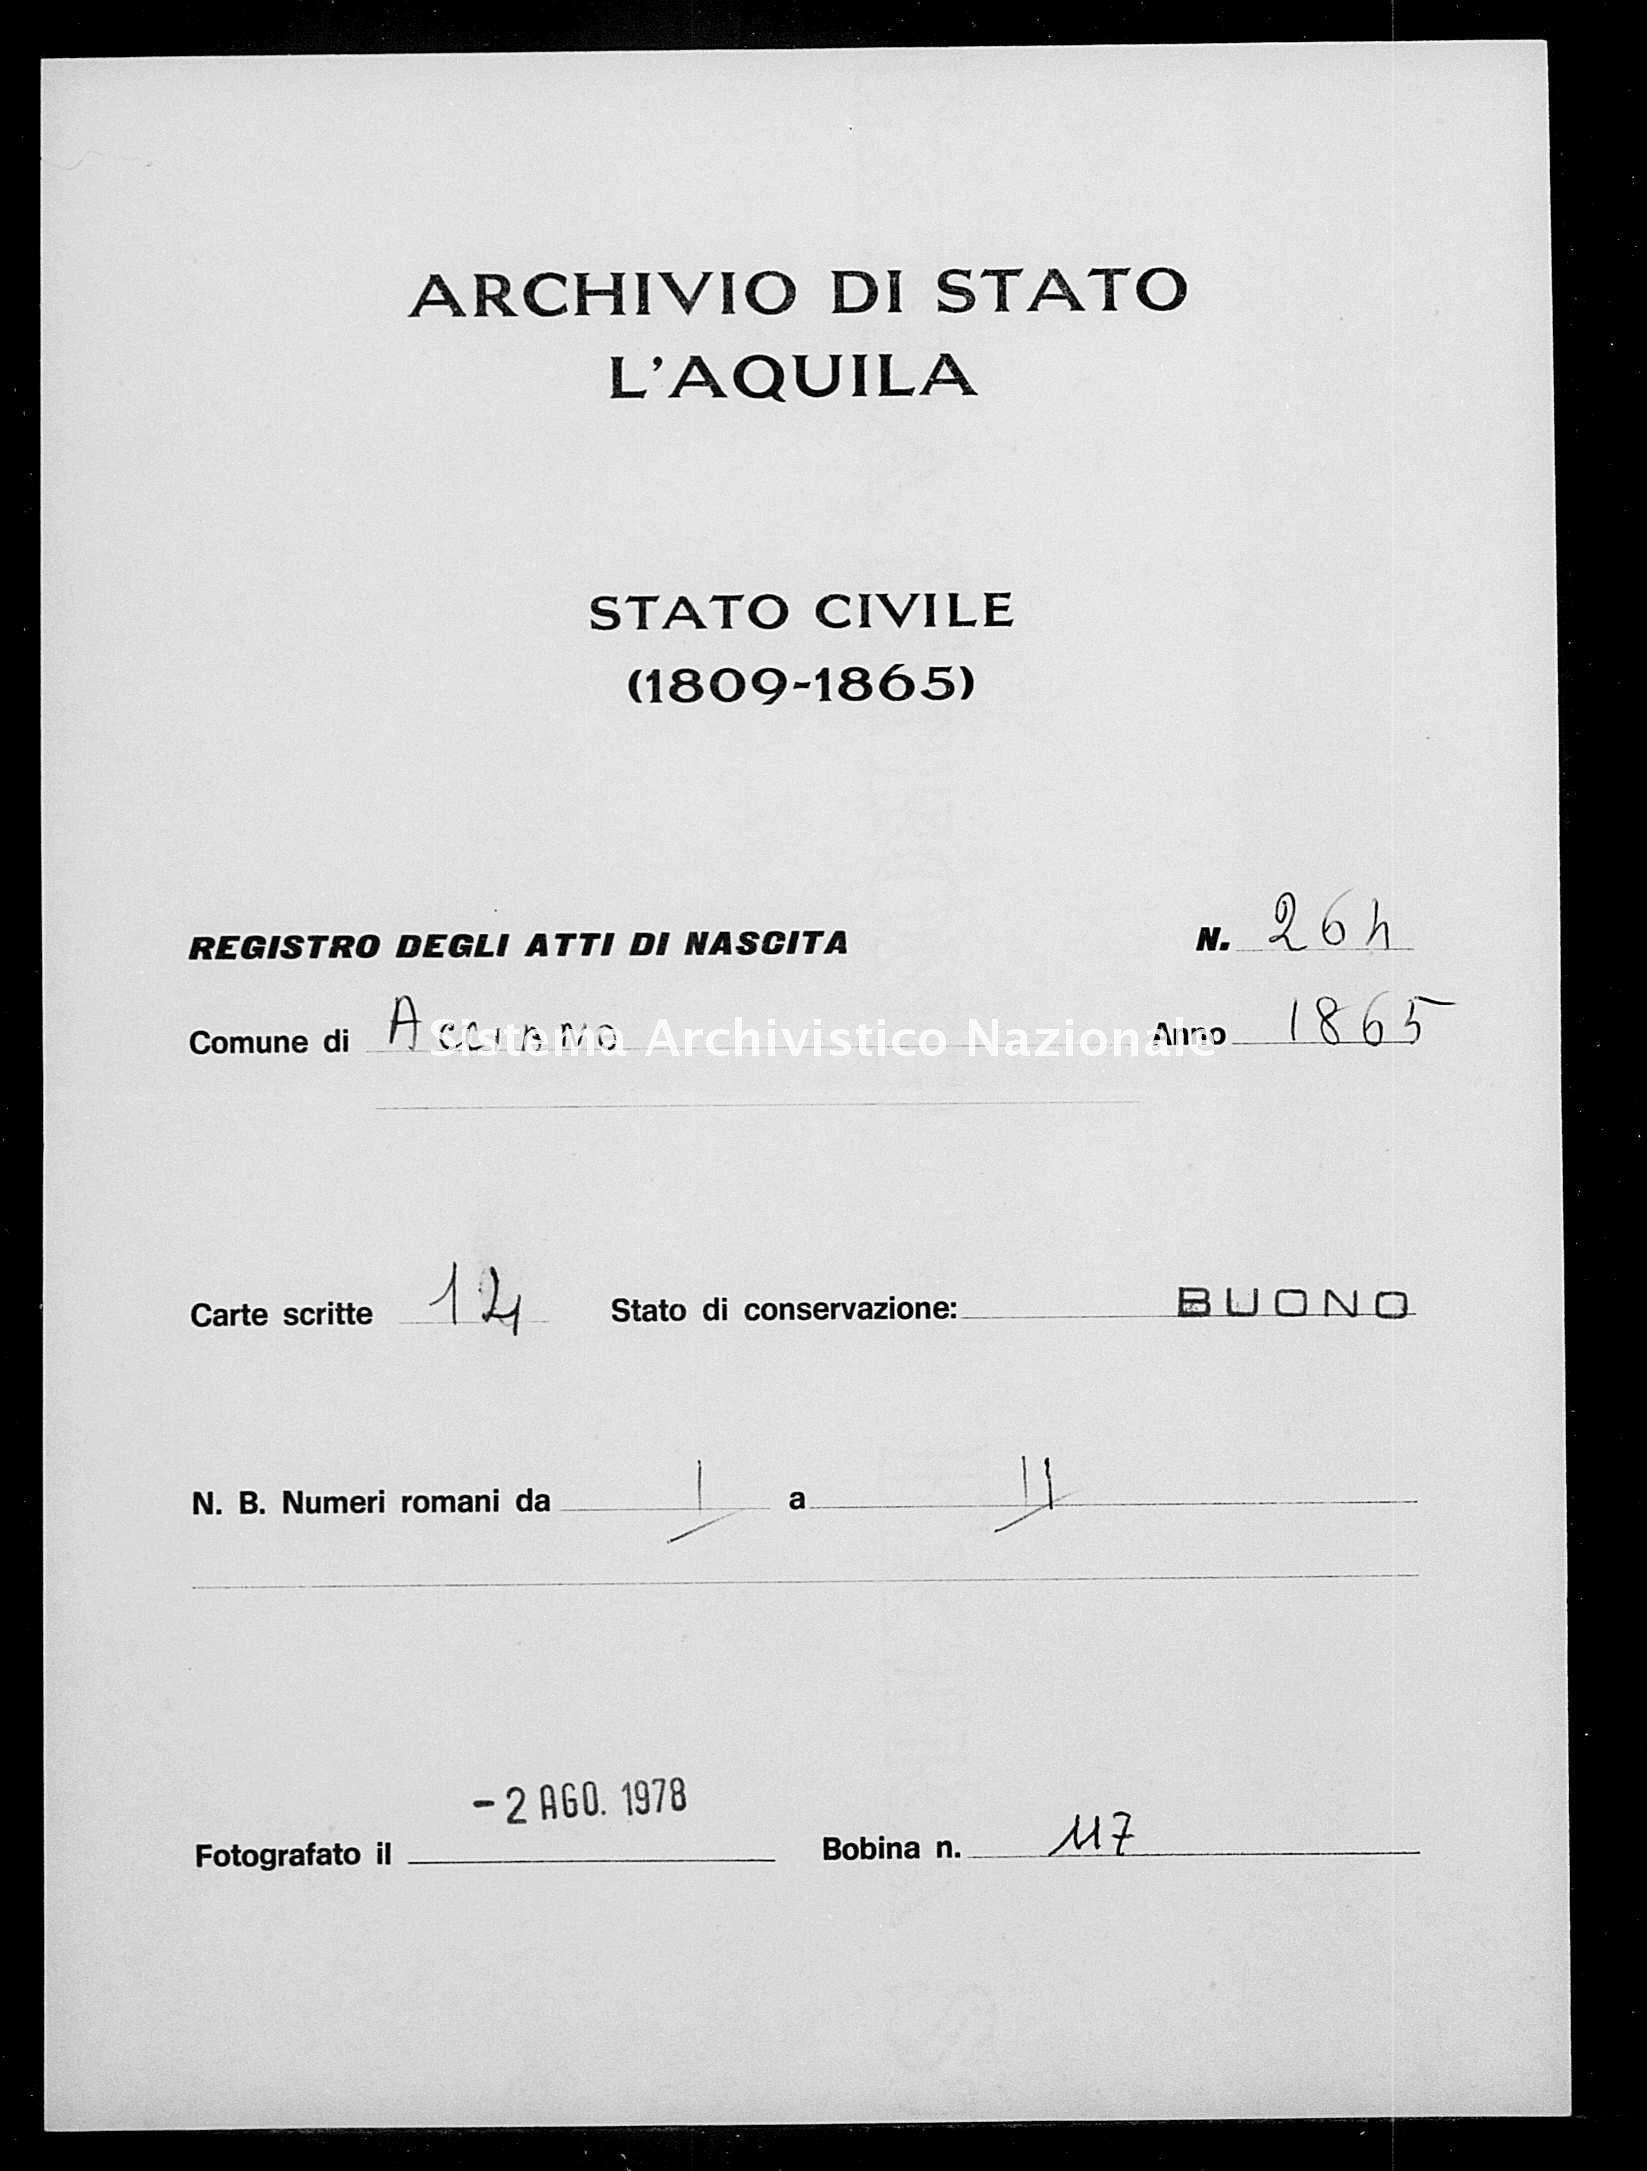 Archivio di stato di L'aquila - Stato civile italiano - Acciano - Nati - 1865 - 264 -